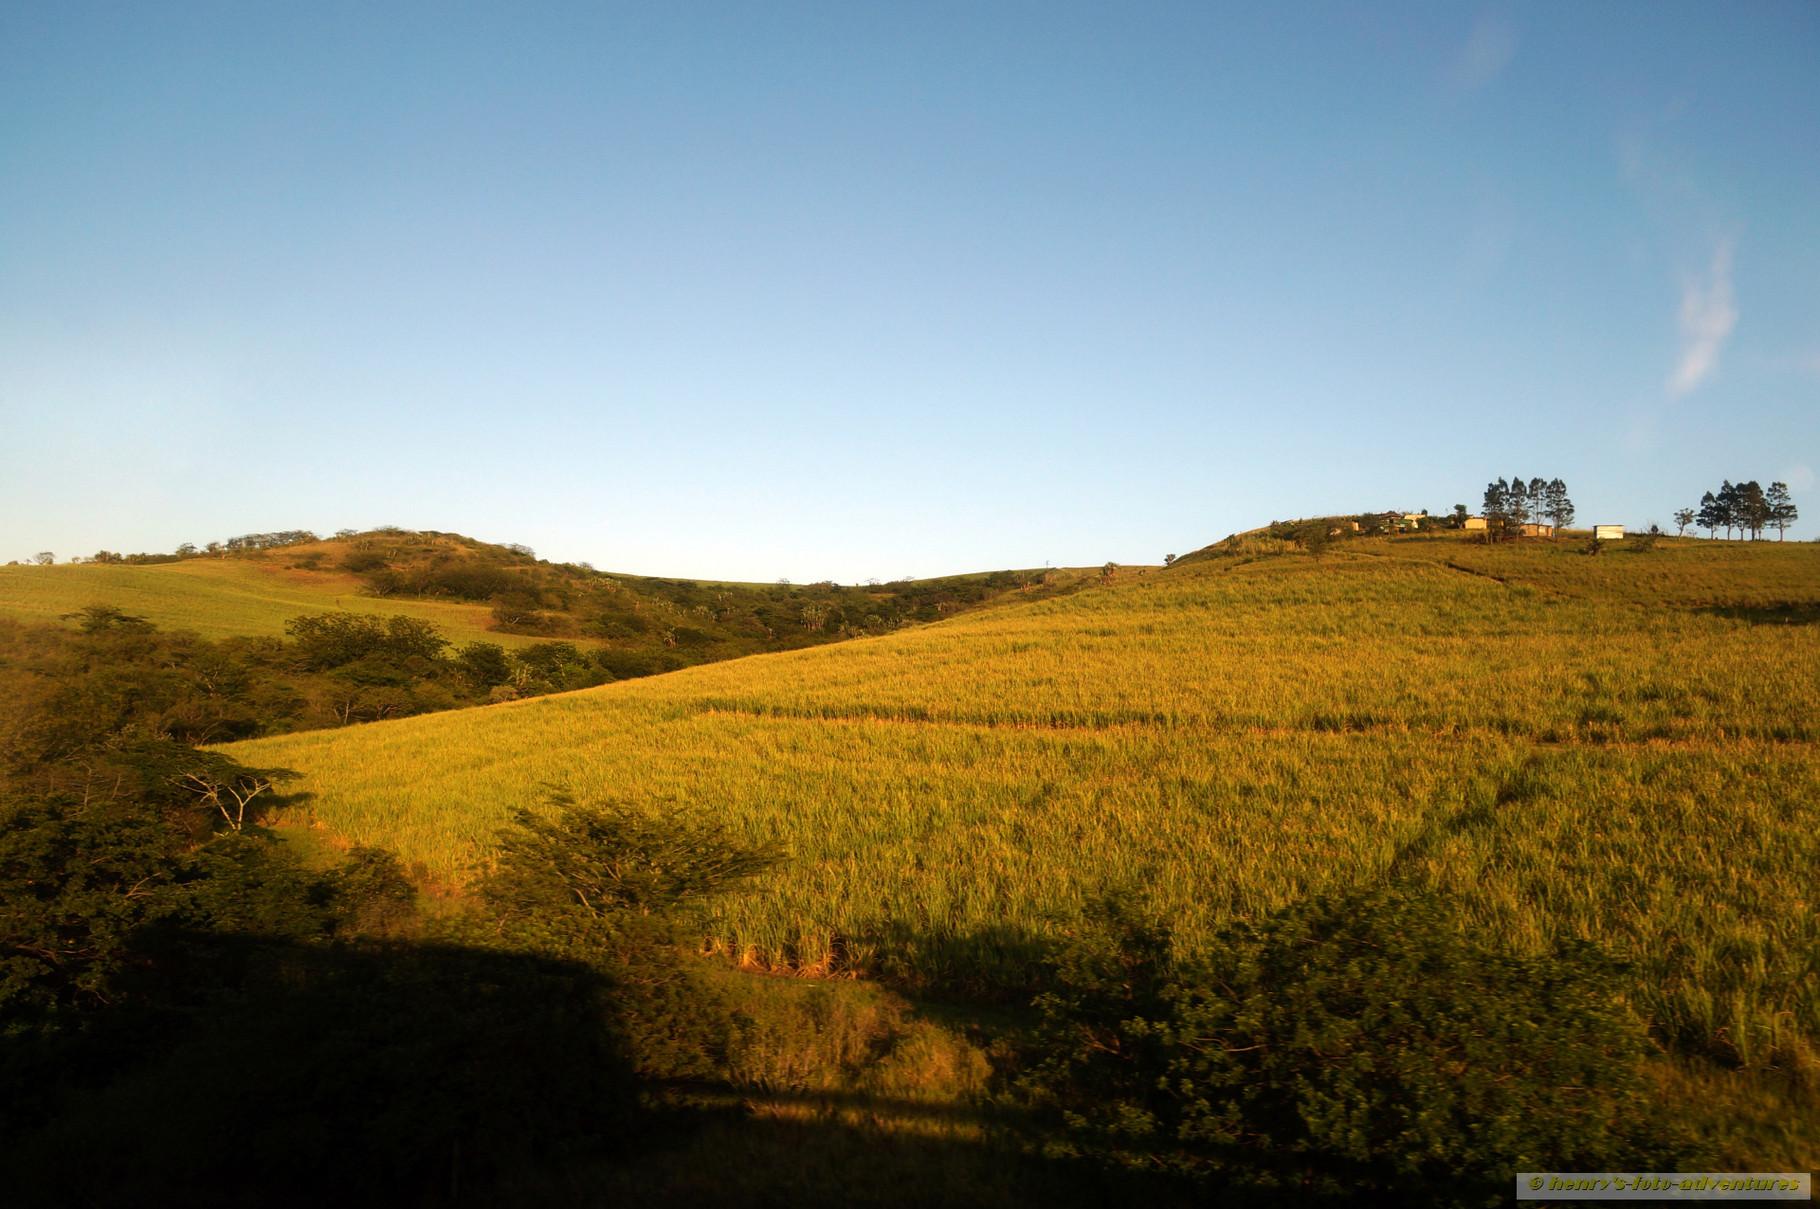 Morgensonne färbt die Zuckerrohrfelder in sanftes Licht